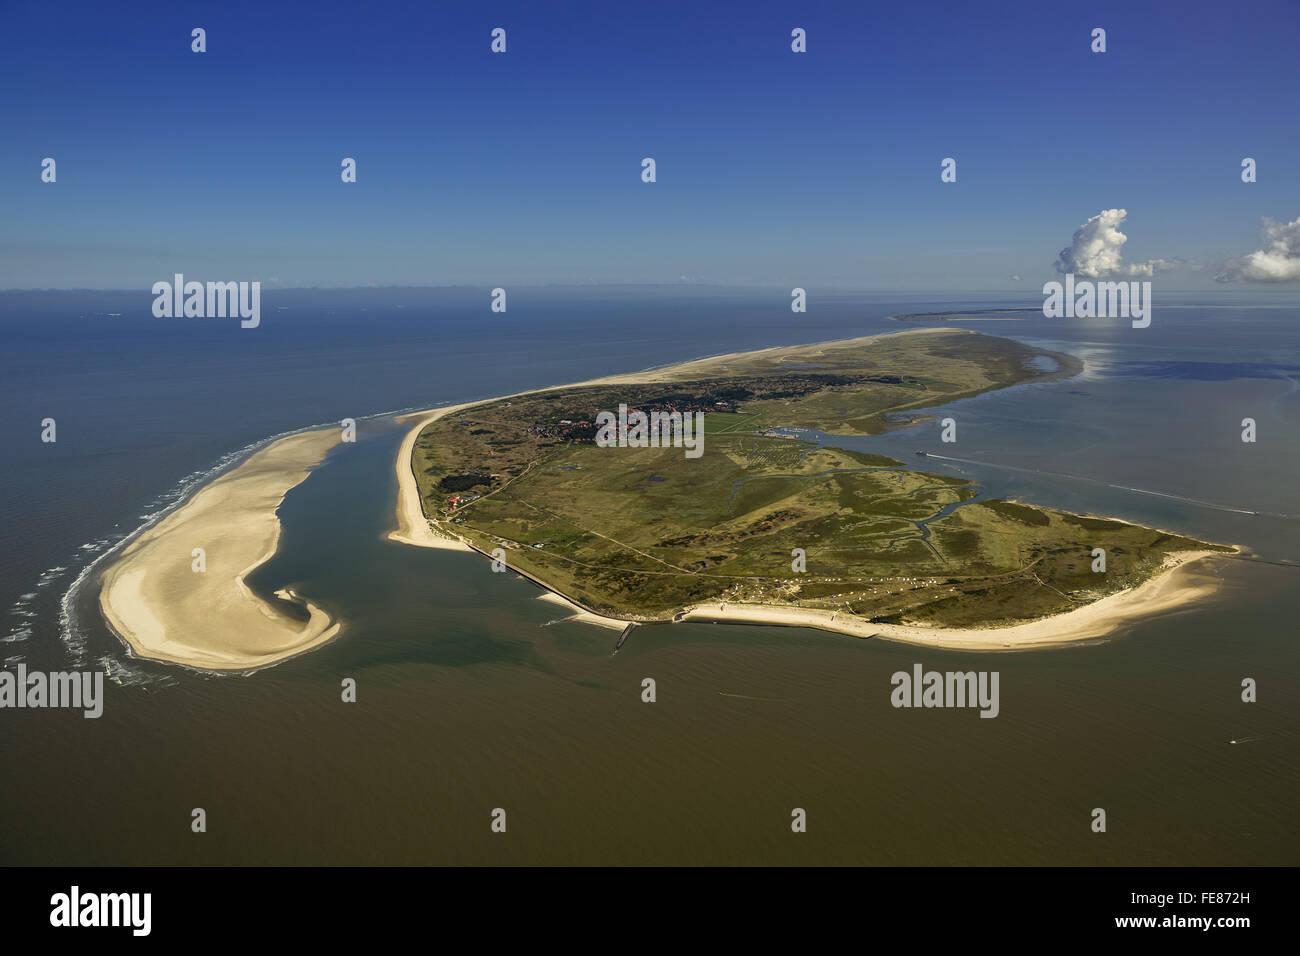 Nordsee K Chen sandbank schill balje wattenmeer luftaufnahme spiekeroog nordsee nordseeinsel